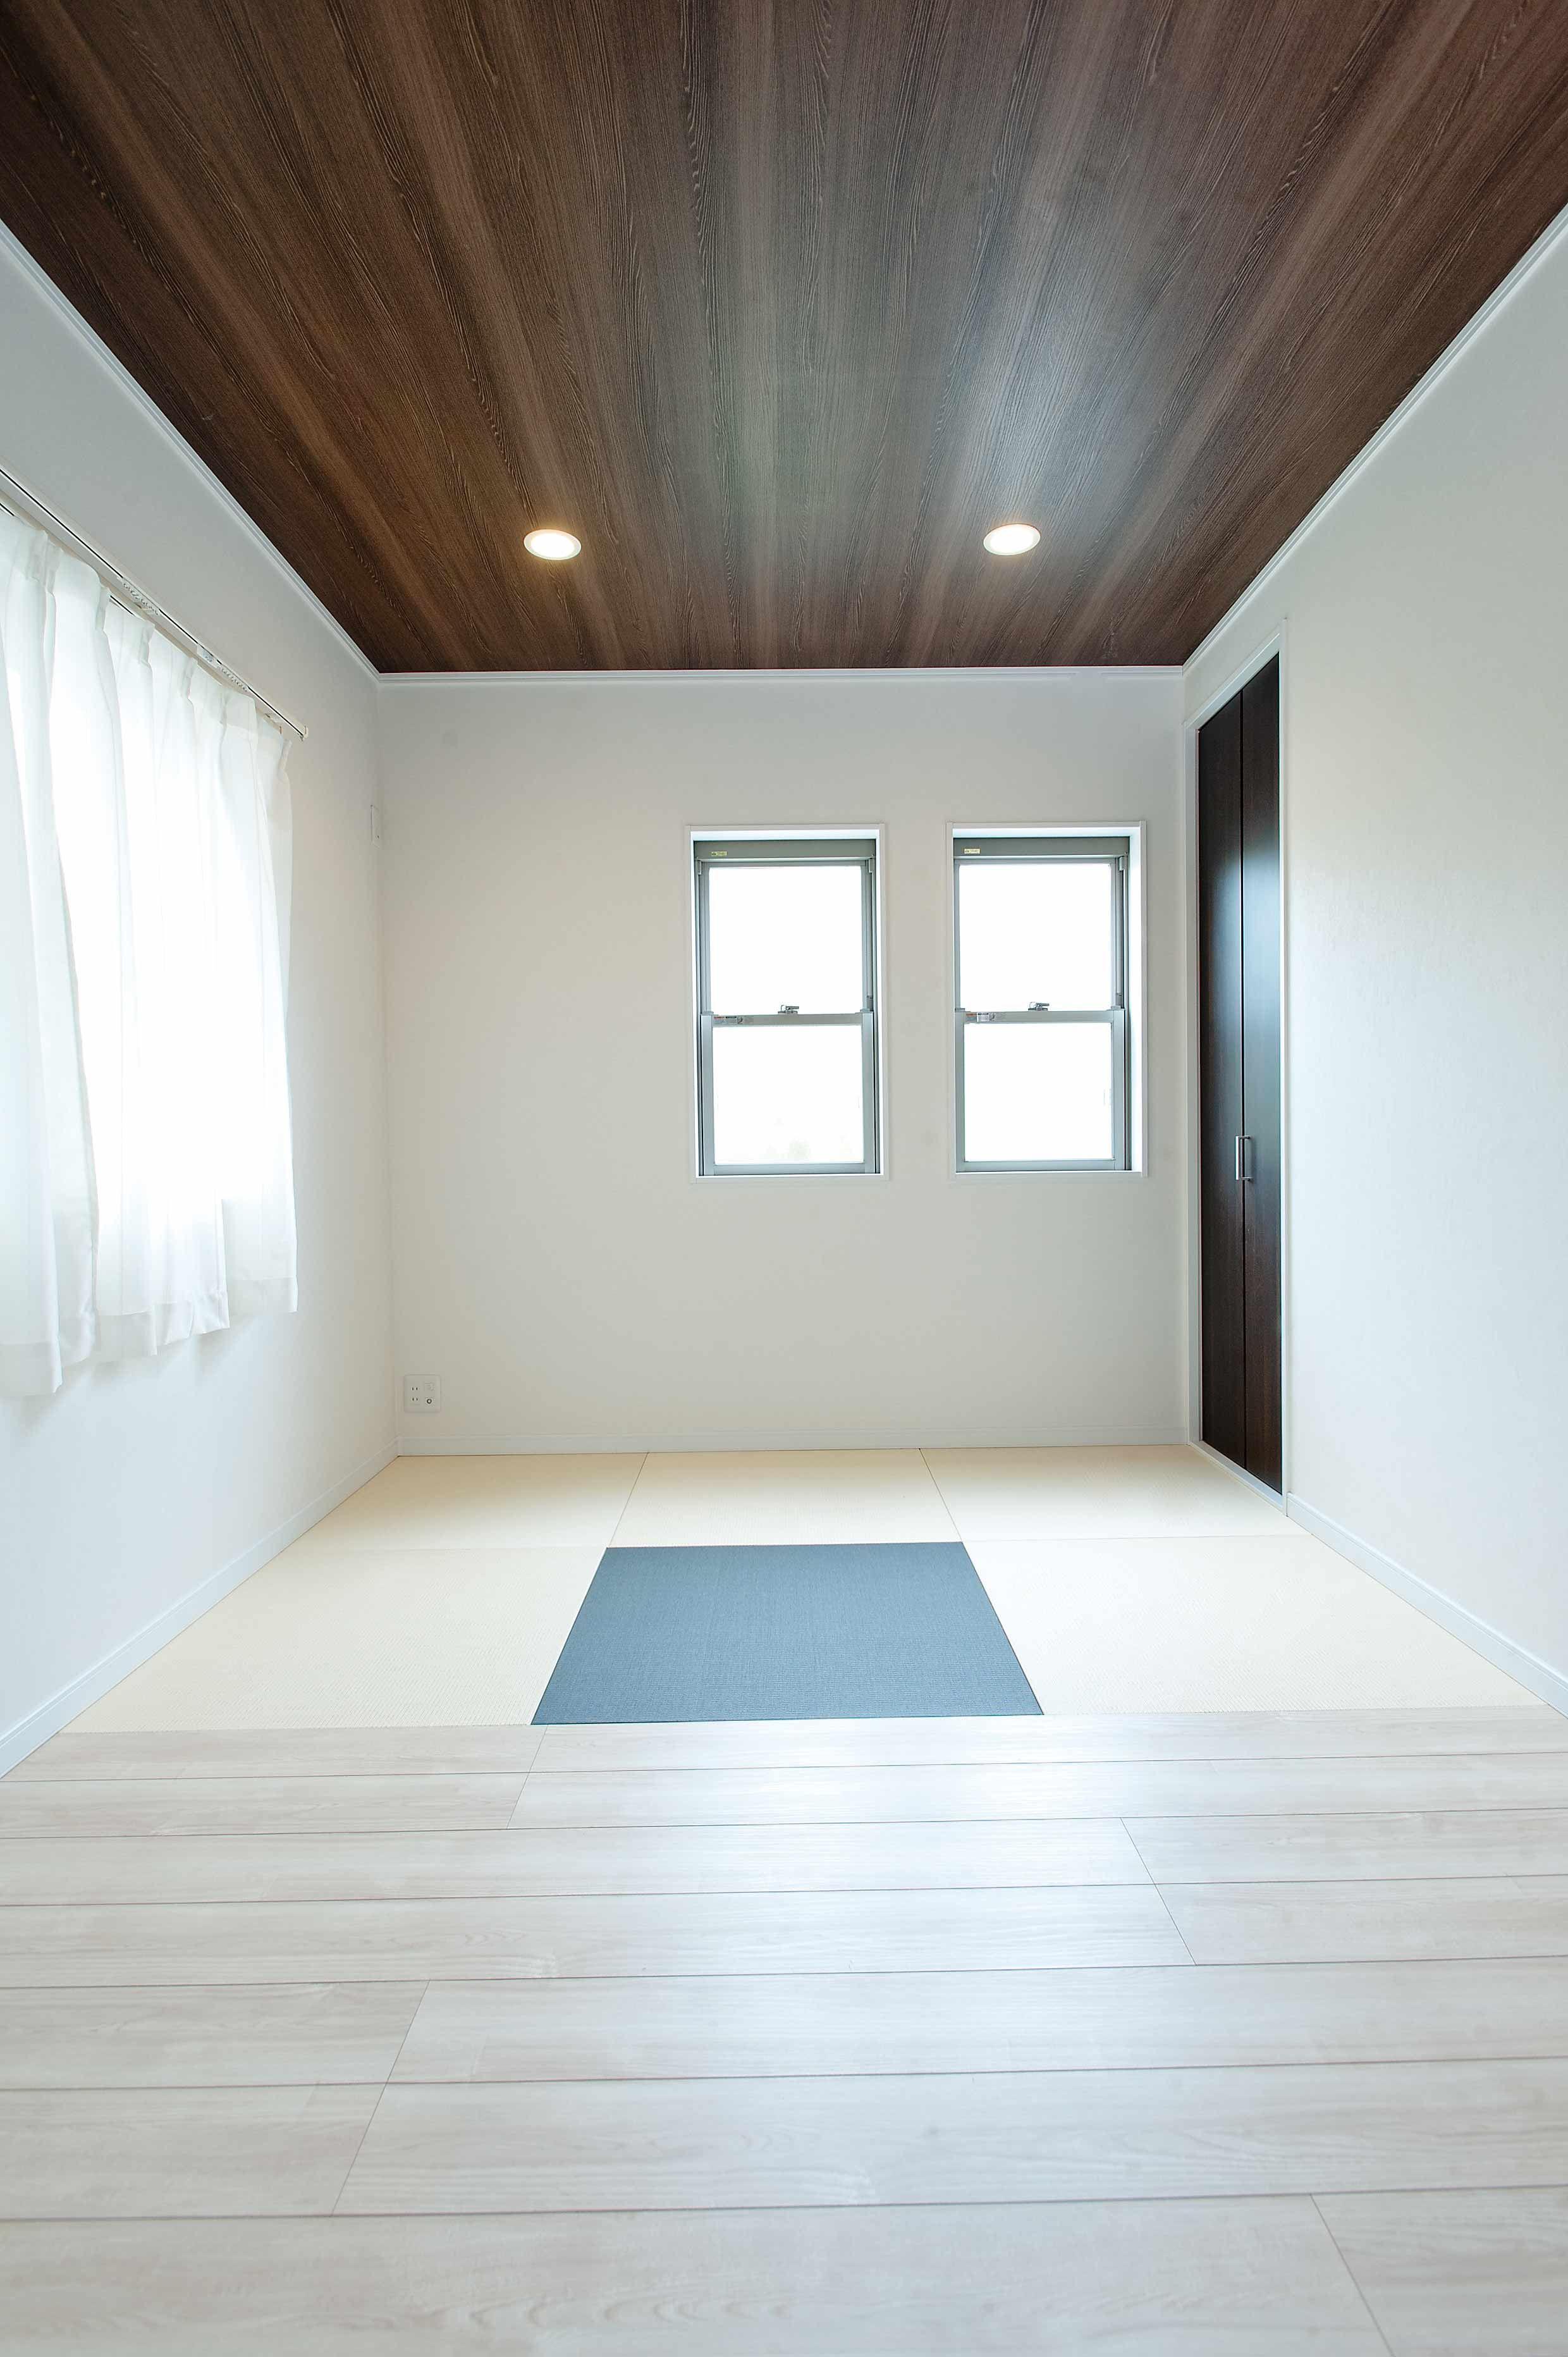 2015年04月02日の記事 施工例 ゲストルームは畳とフローリングを半々